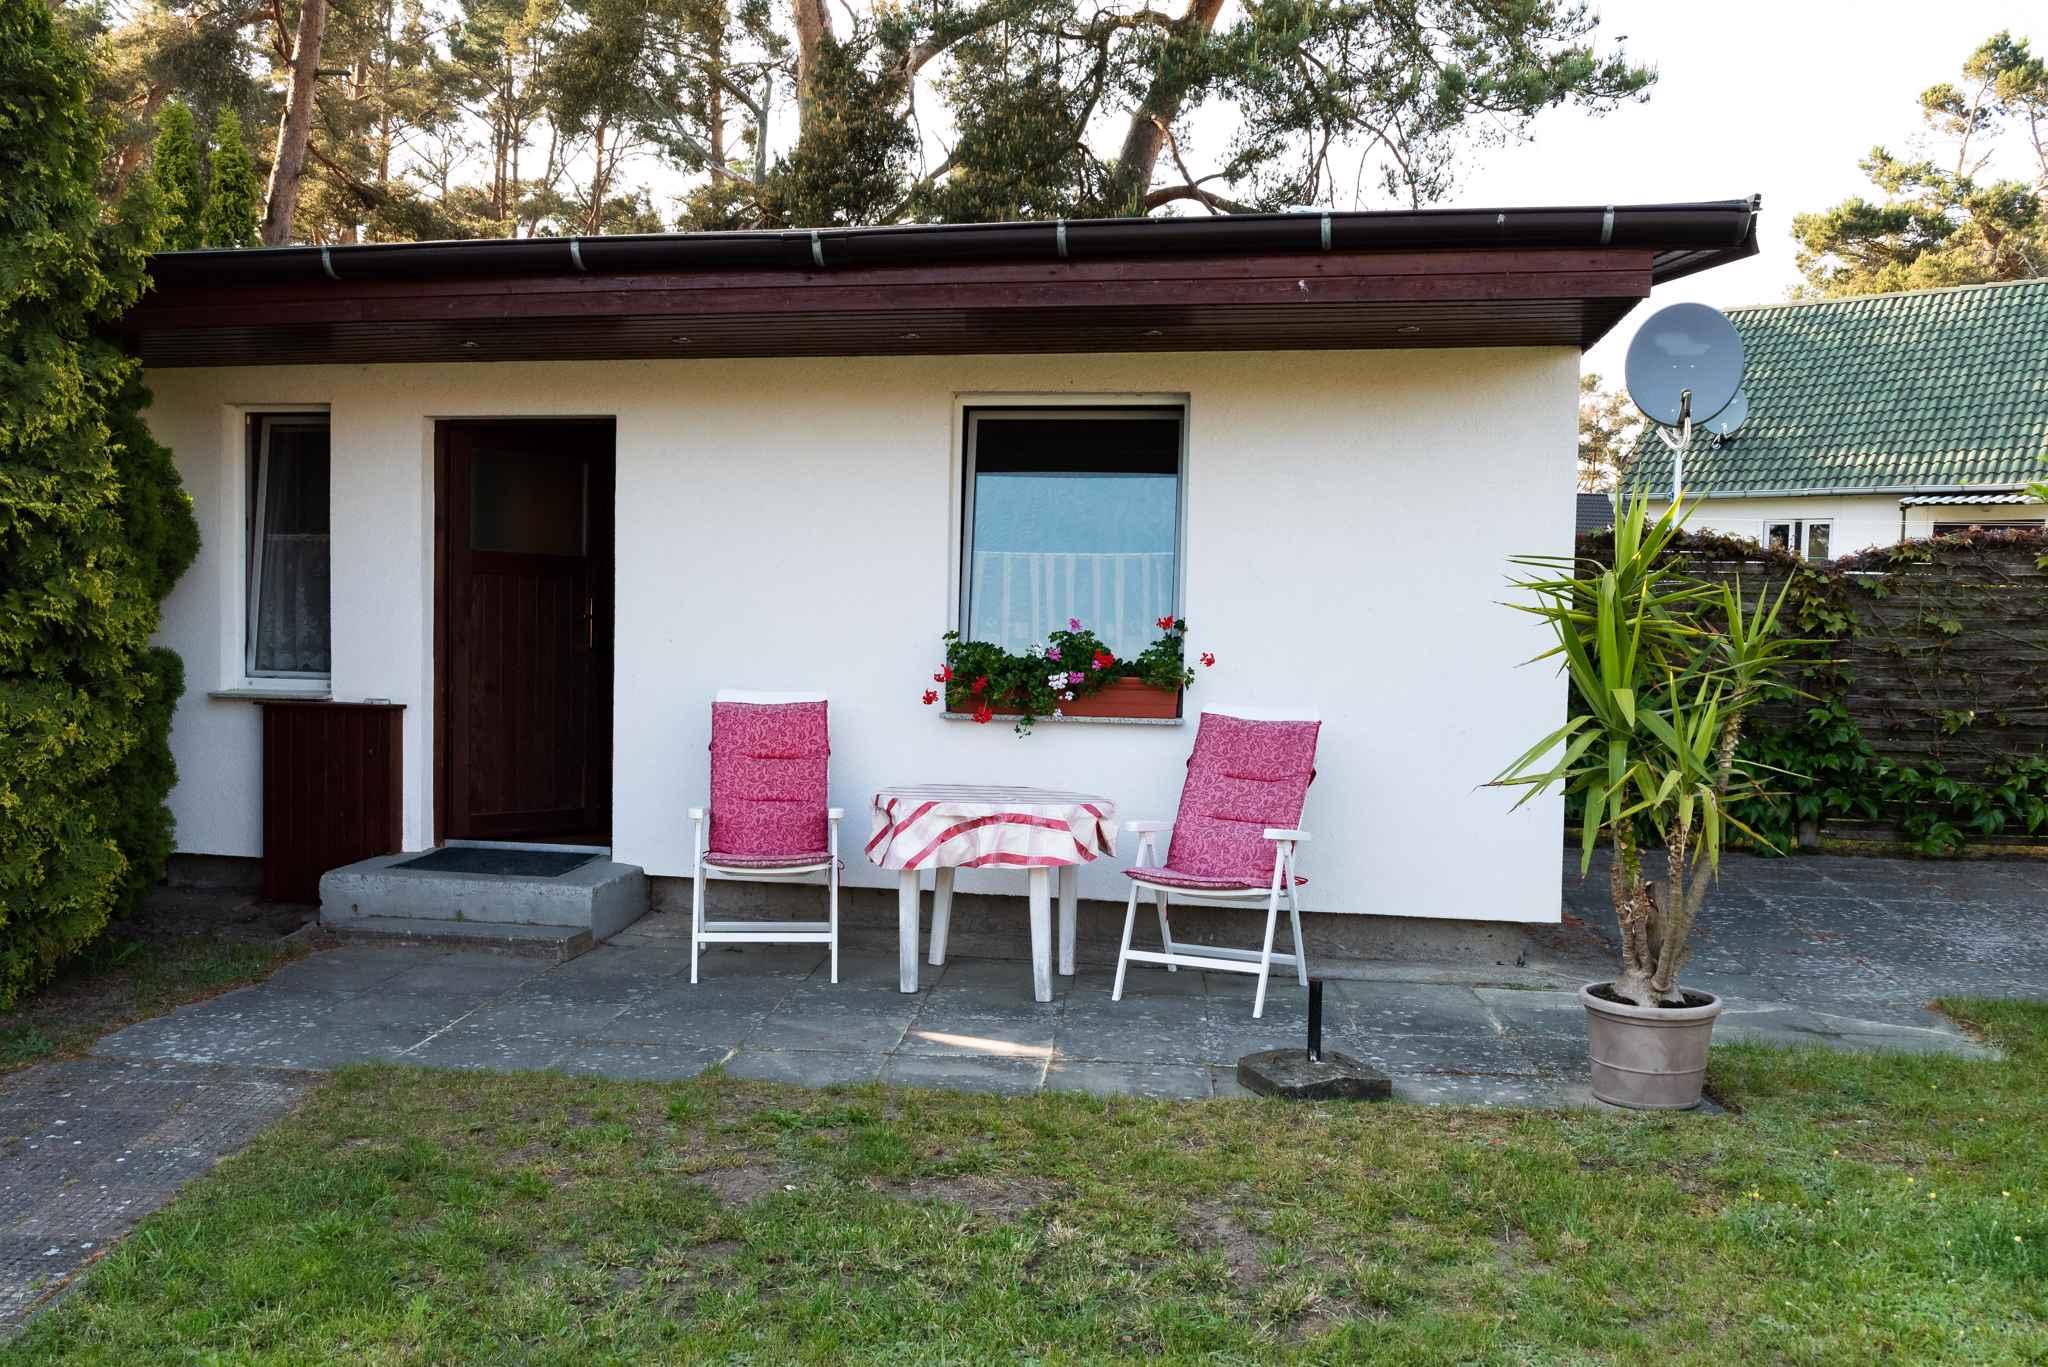 Ferienhaus Bungalow mit Terrasse und Garten (356789), Fuhlendorf, Ostseeküste Mecklenburg-Vorpommern, Mecklenburg-Vorpommern, Deutschland, Bild 2